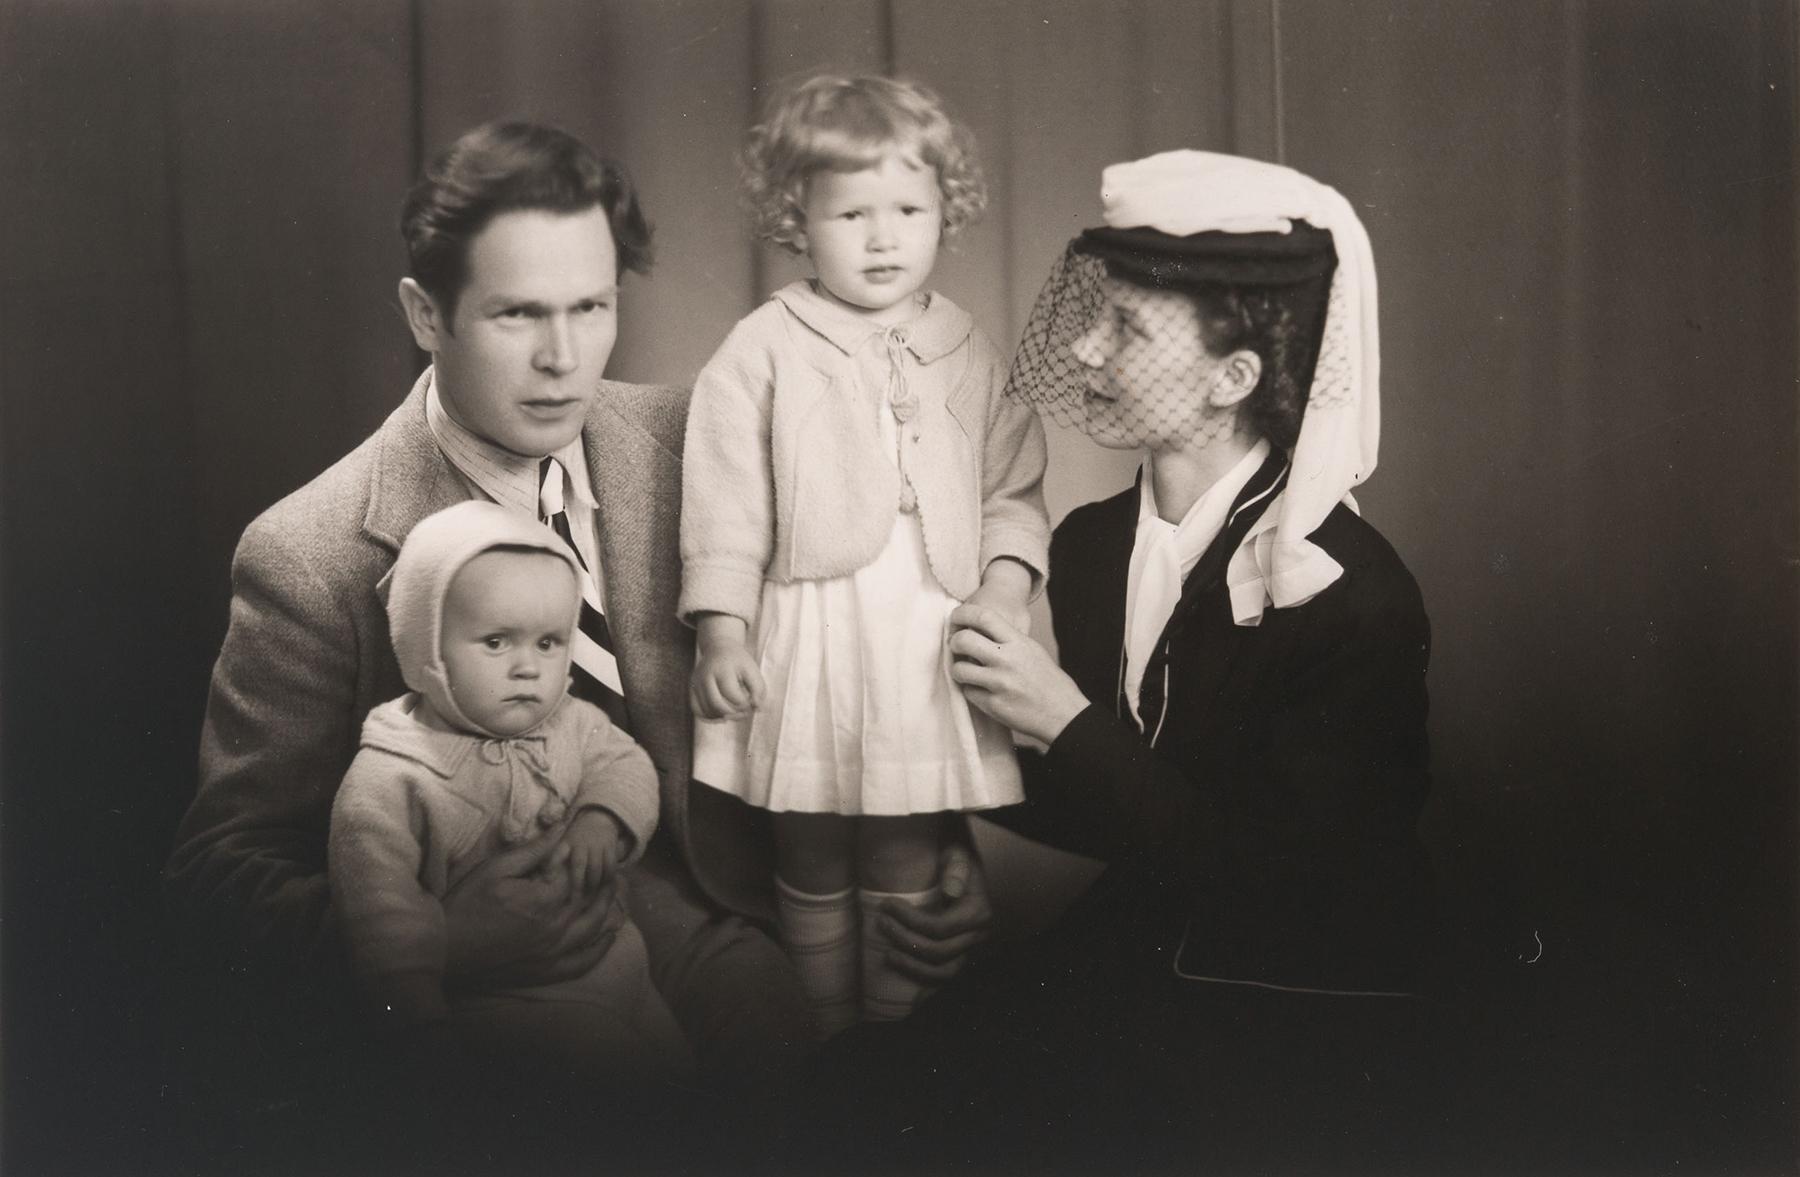 Juhani ja Anja Konkan perheestä, lapset Urho ja Anita. Kuva otettu arviolta vuonna 1945. SKS KIA, Juhani Konkan arkisto. CC BY 4.0